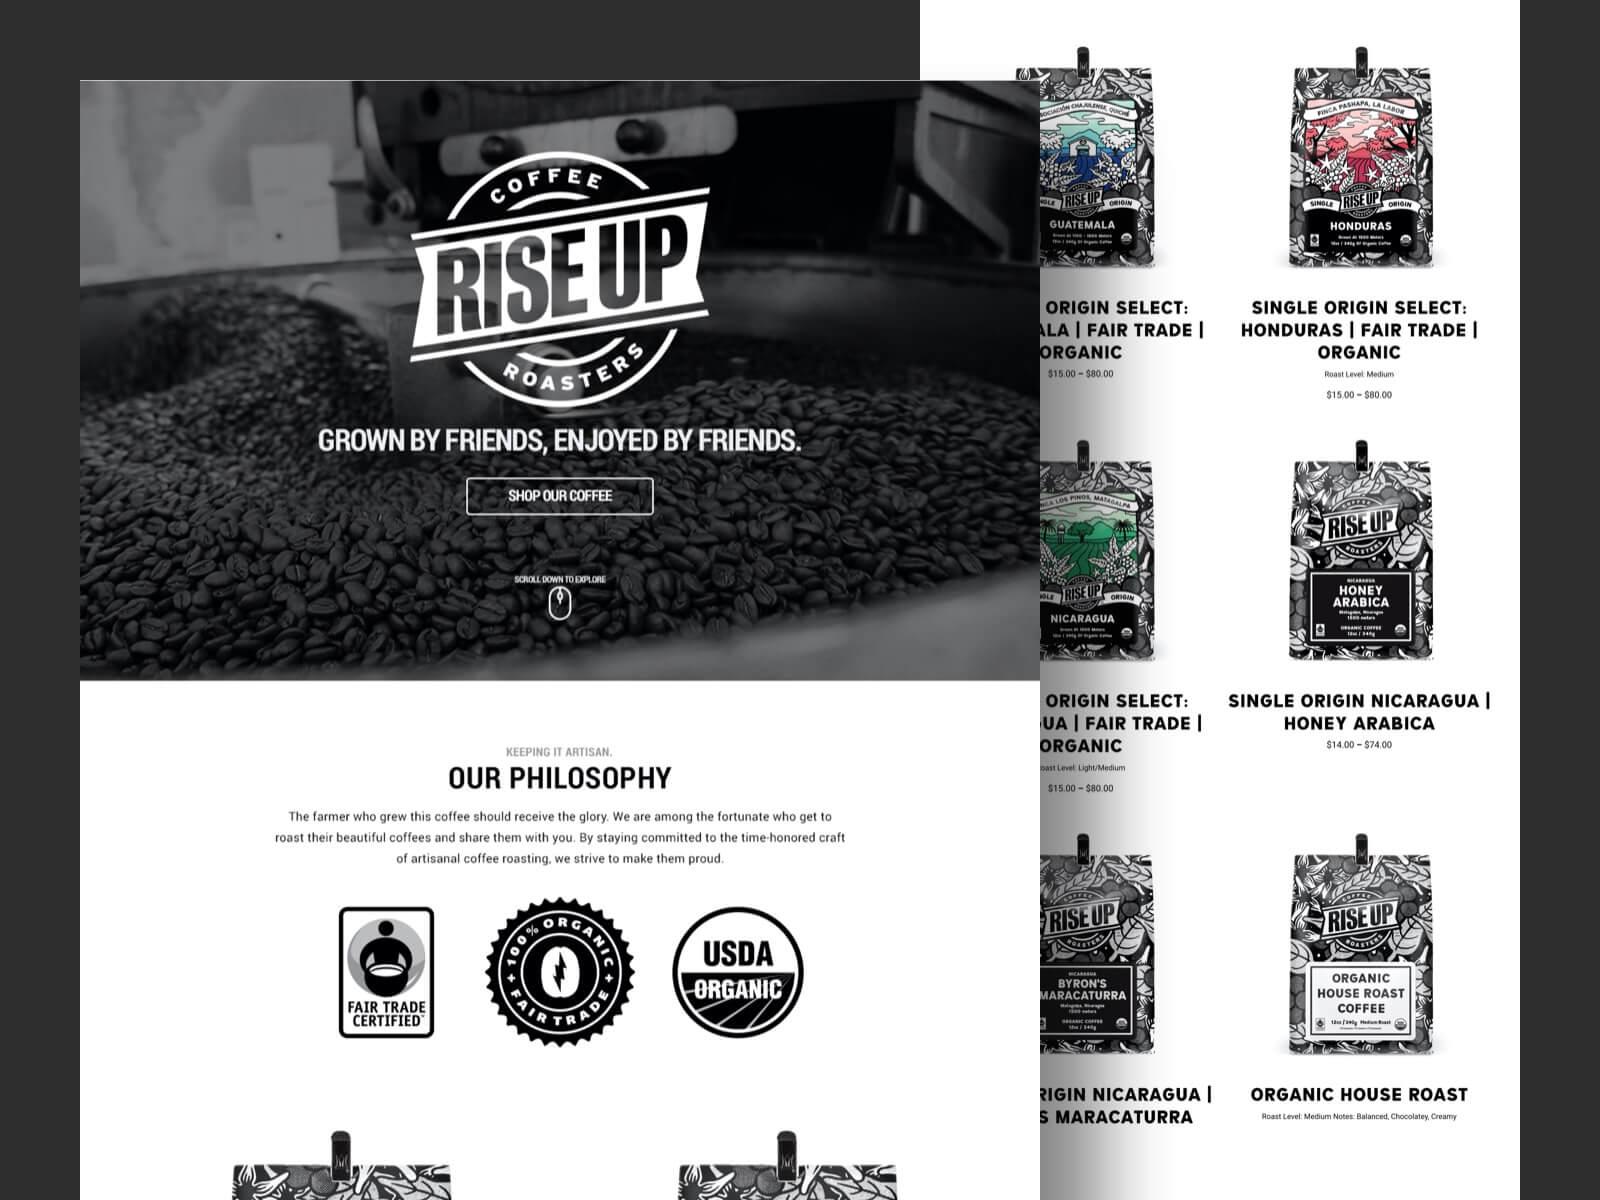 riseup-landing-page@2x